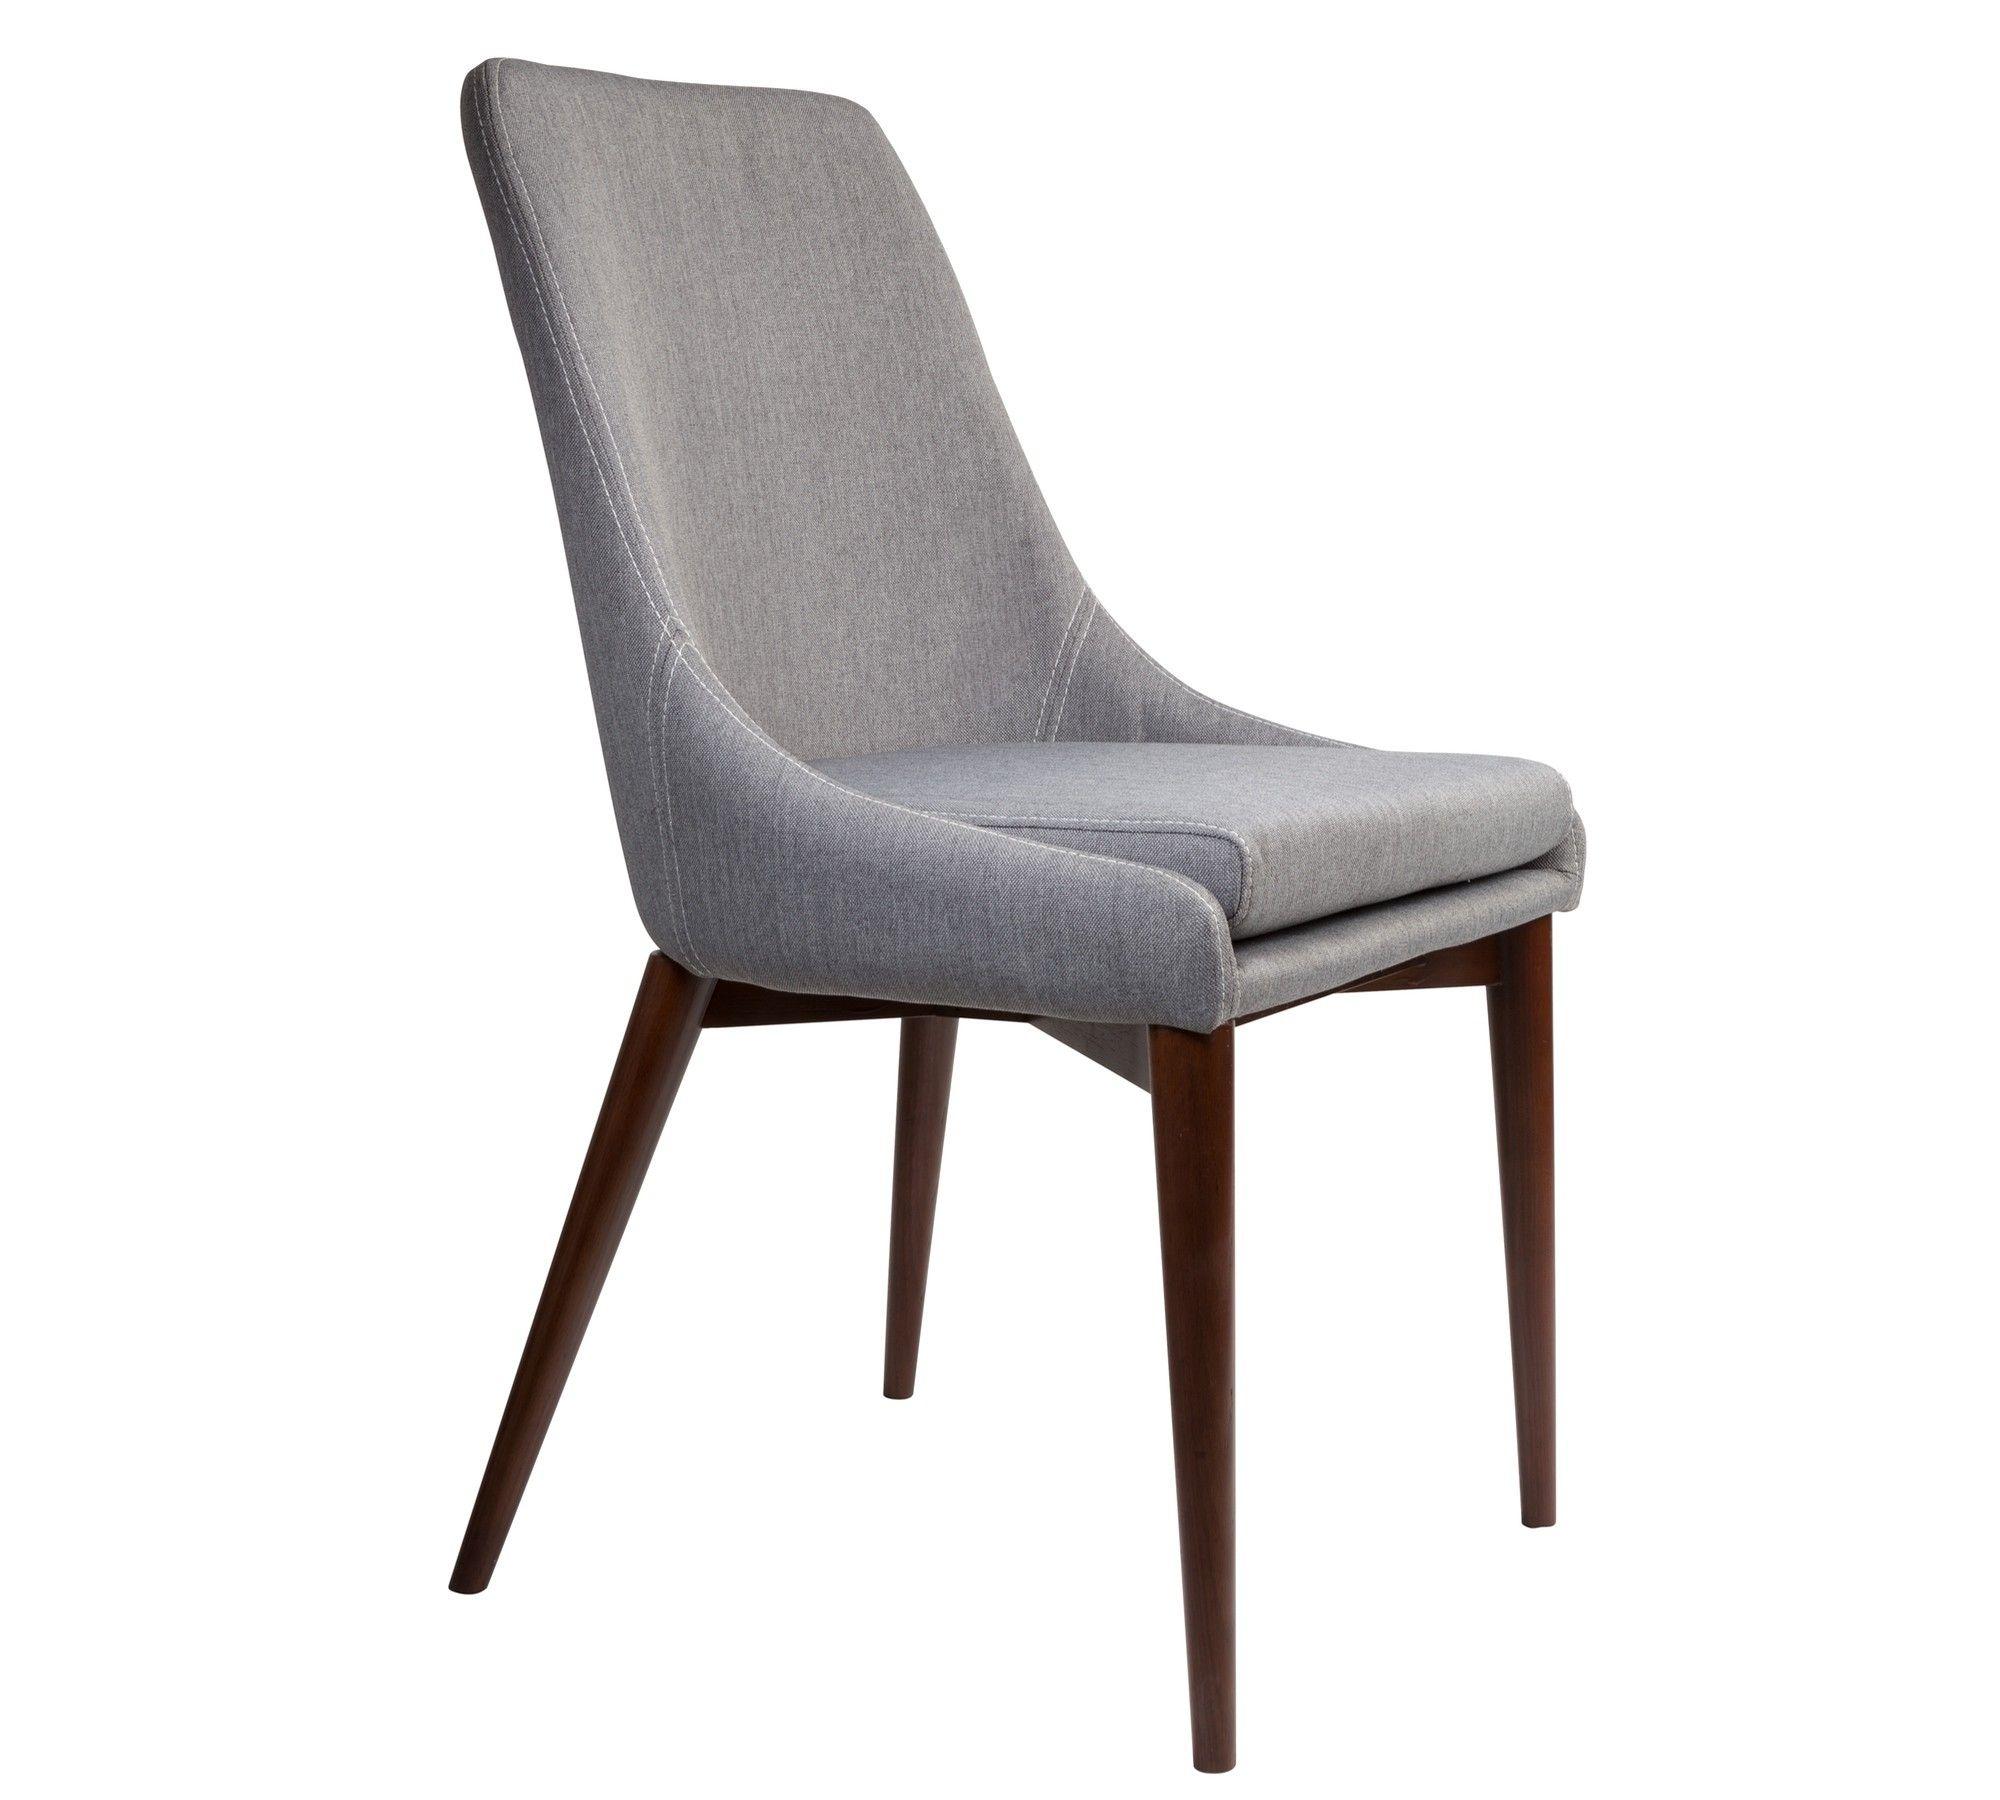 Verschiedene Stuhl Stoff Grau Referenz Von Billig Designer